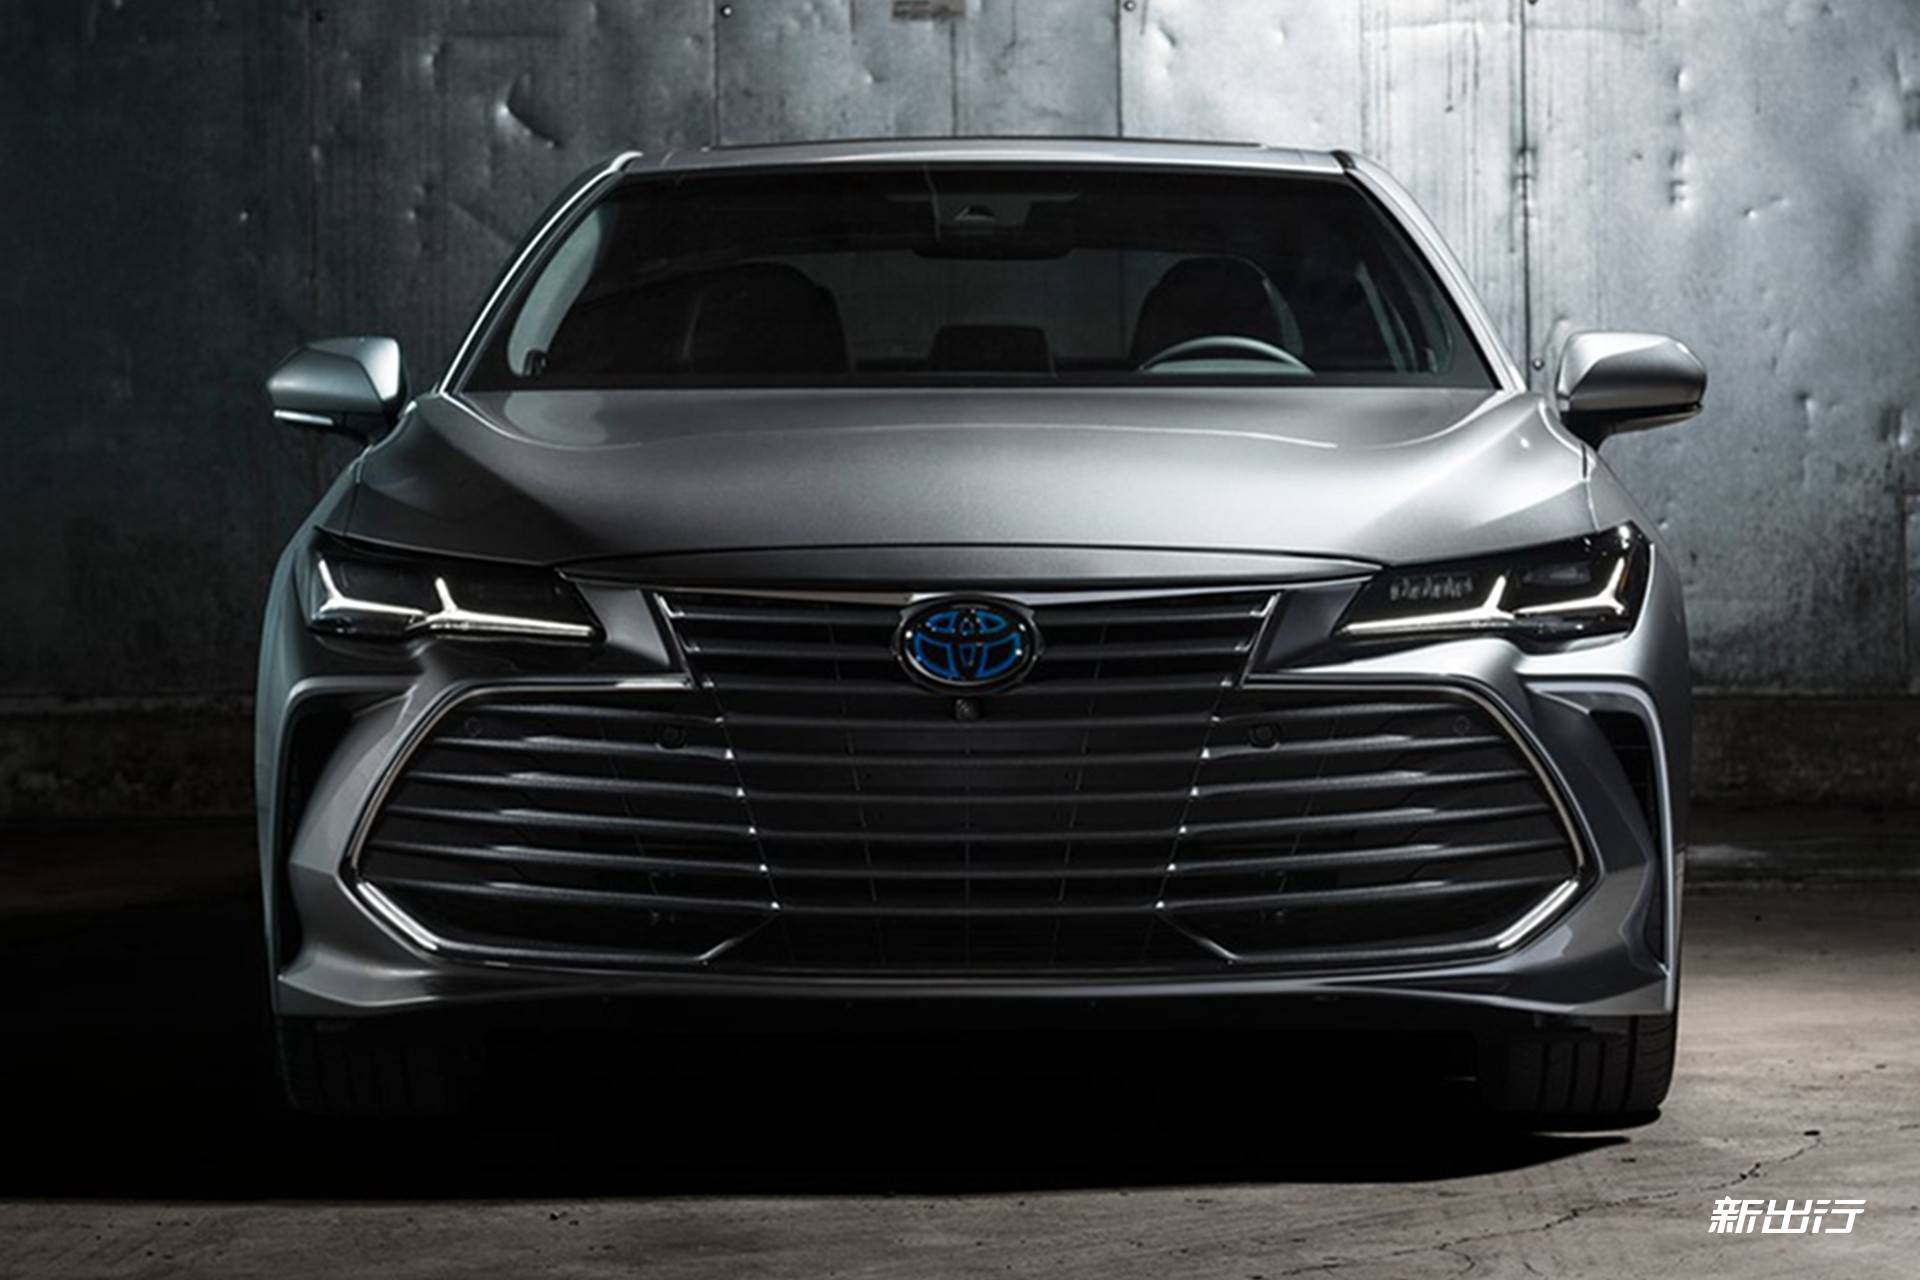 丰田全新 Avalon 北美车展发布 未来有望国产上市